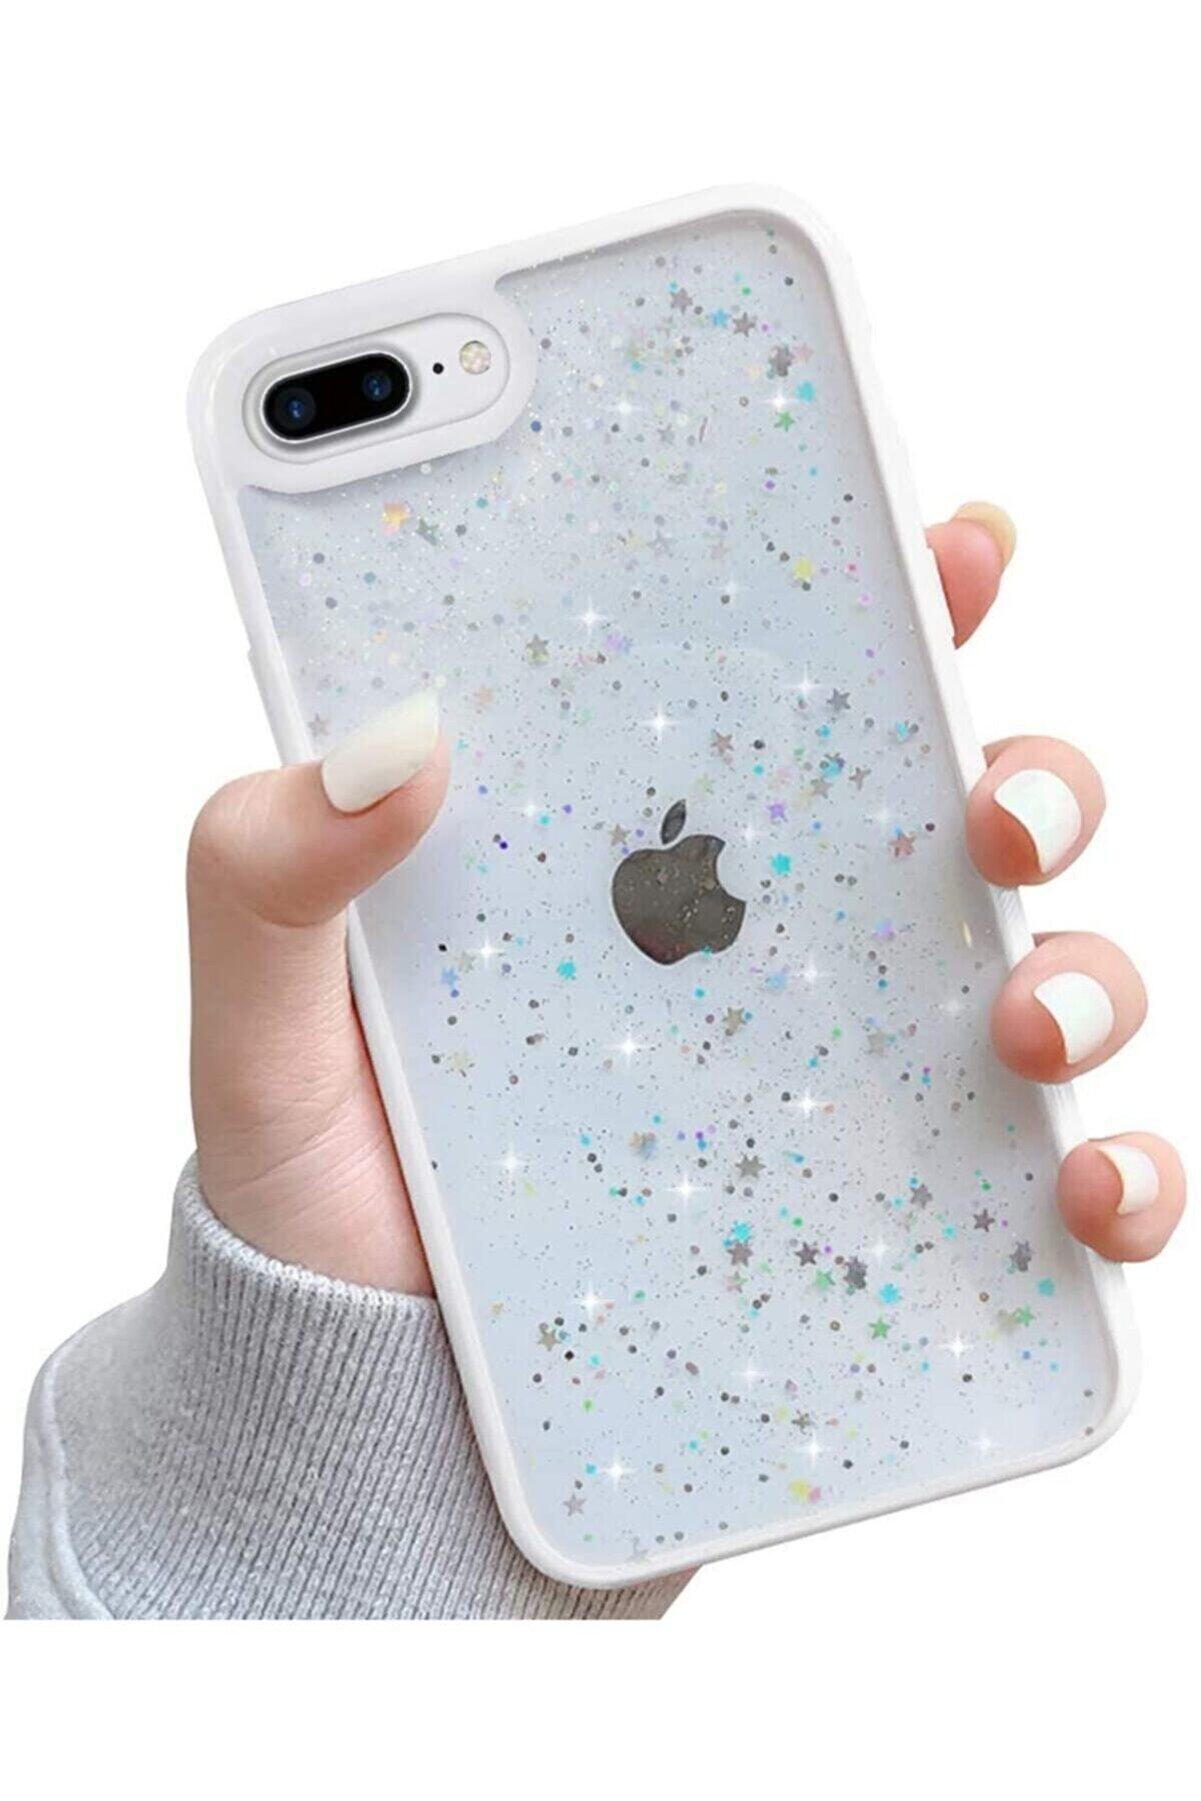 Teknoçeri Iphone 7 Plus / 8 Plus Kenarı Renkli Simli Darbe Önleyici Silikon Kılıf Beyaz